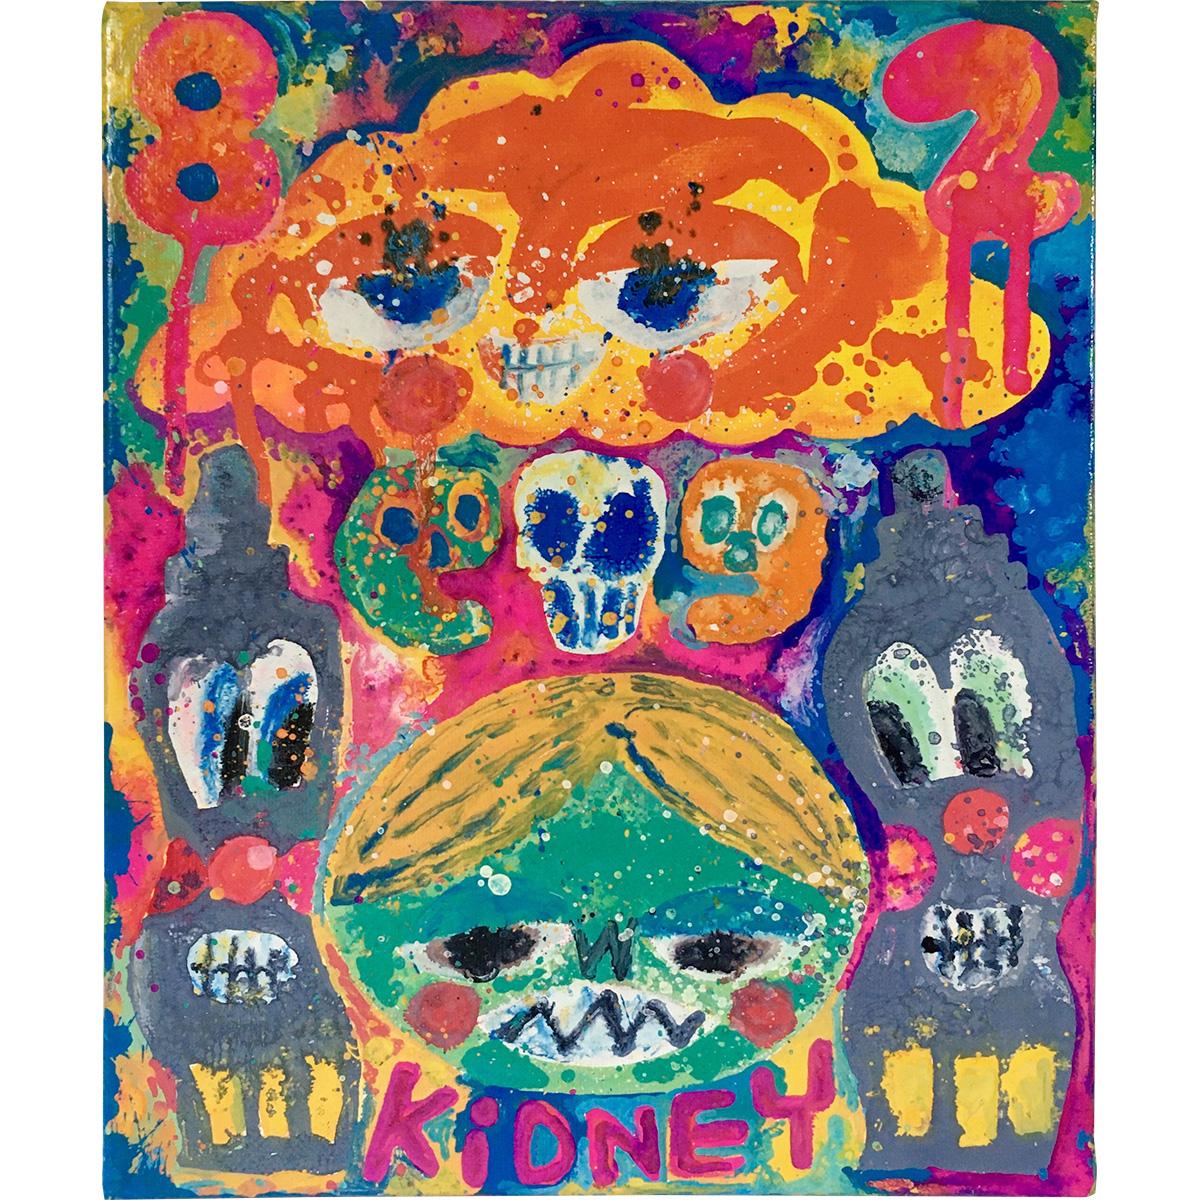 Rob Kidney #2『SHOCK BEAR』――80年代の東京でハイエナジー音楽を聴きながらエネルギーを感じてビリビリしているテディベアを描きました。